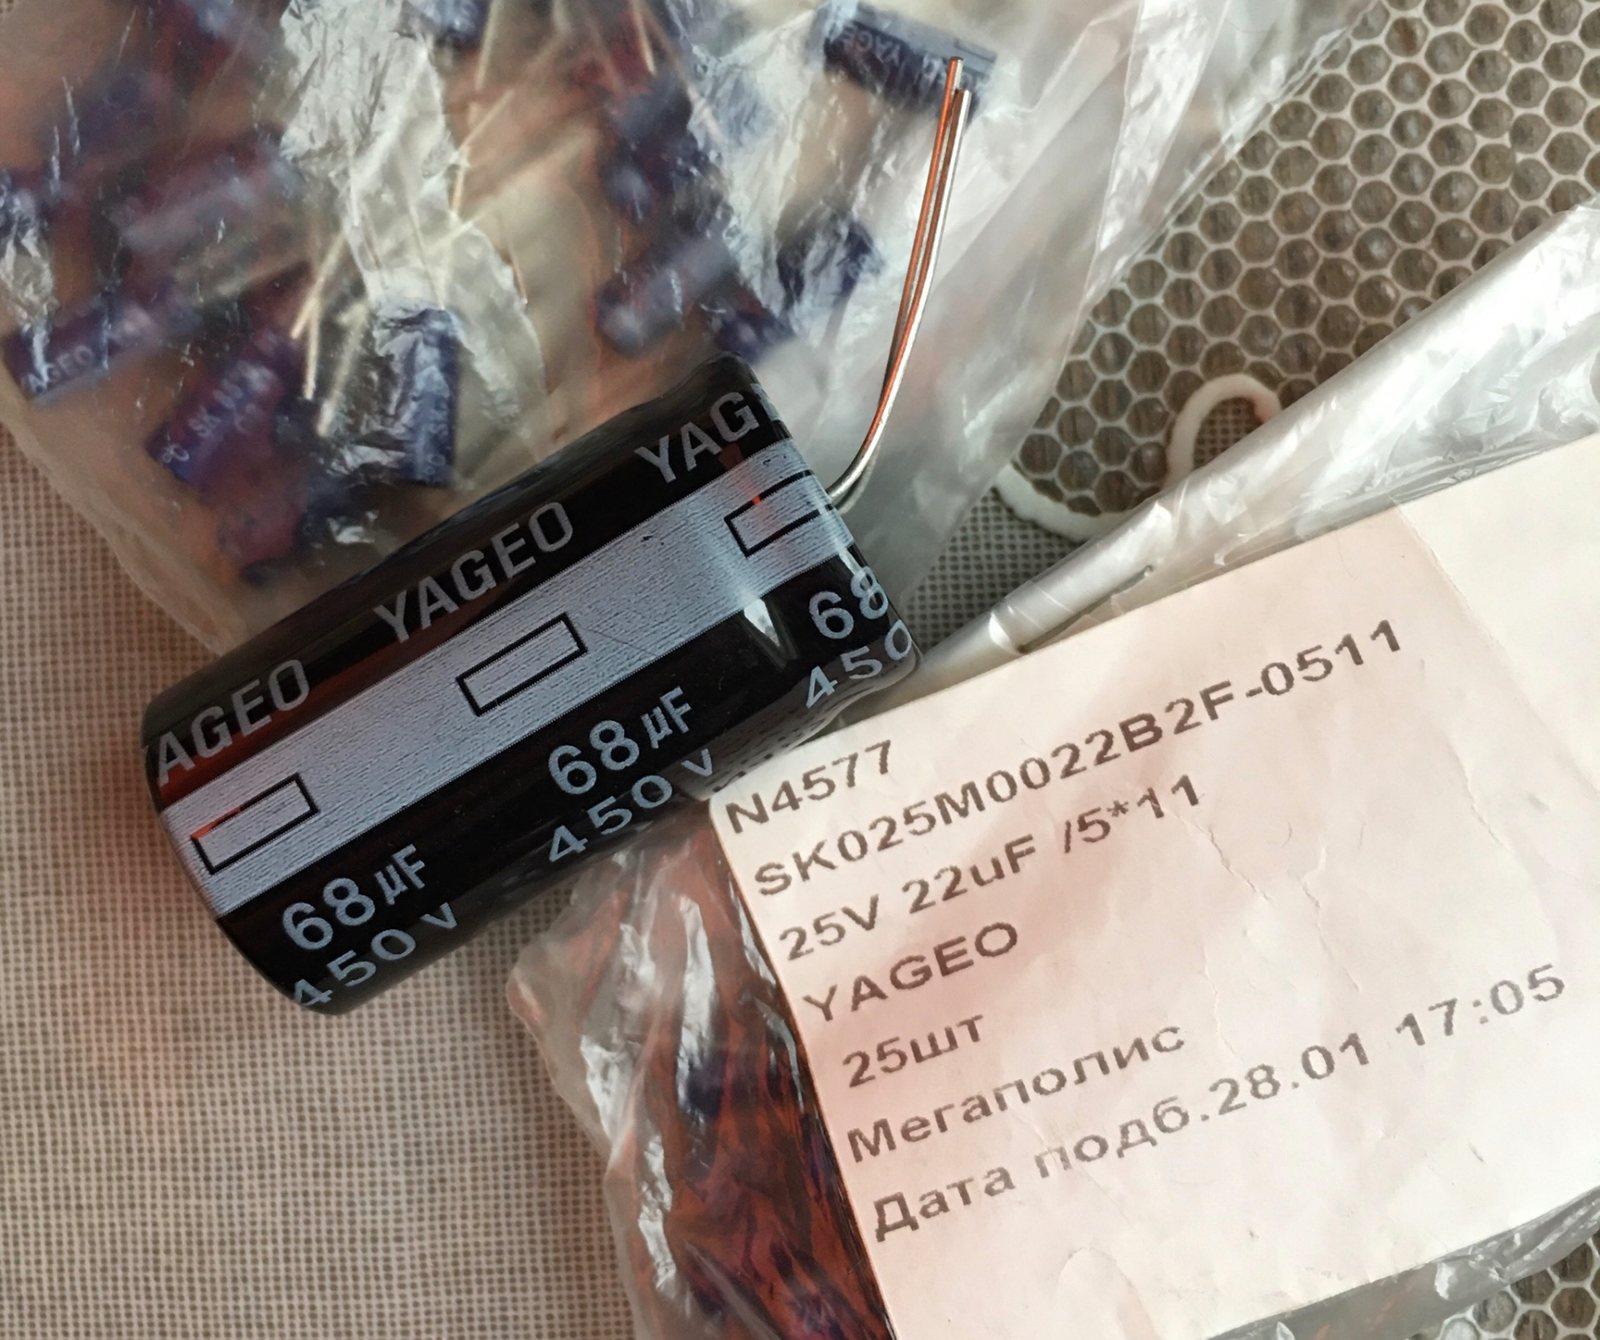 9F156184-CBDA-4D21-ACF1-E7236D79C301.jpeg